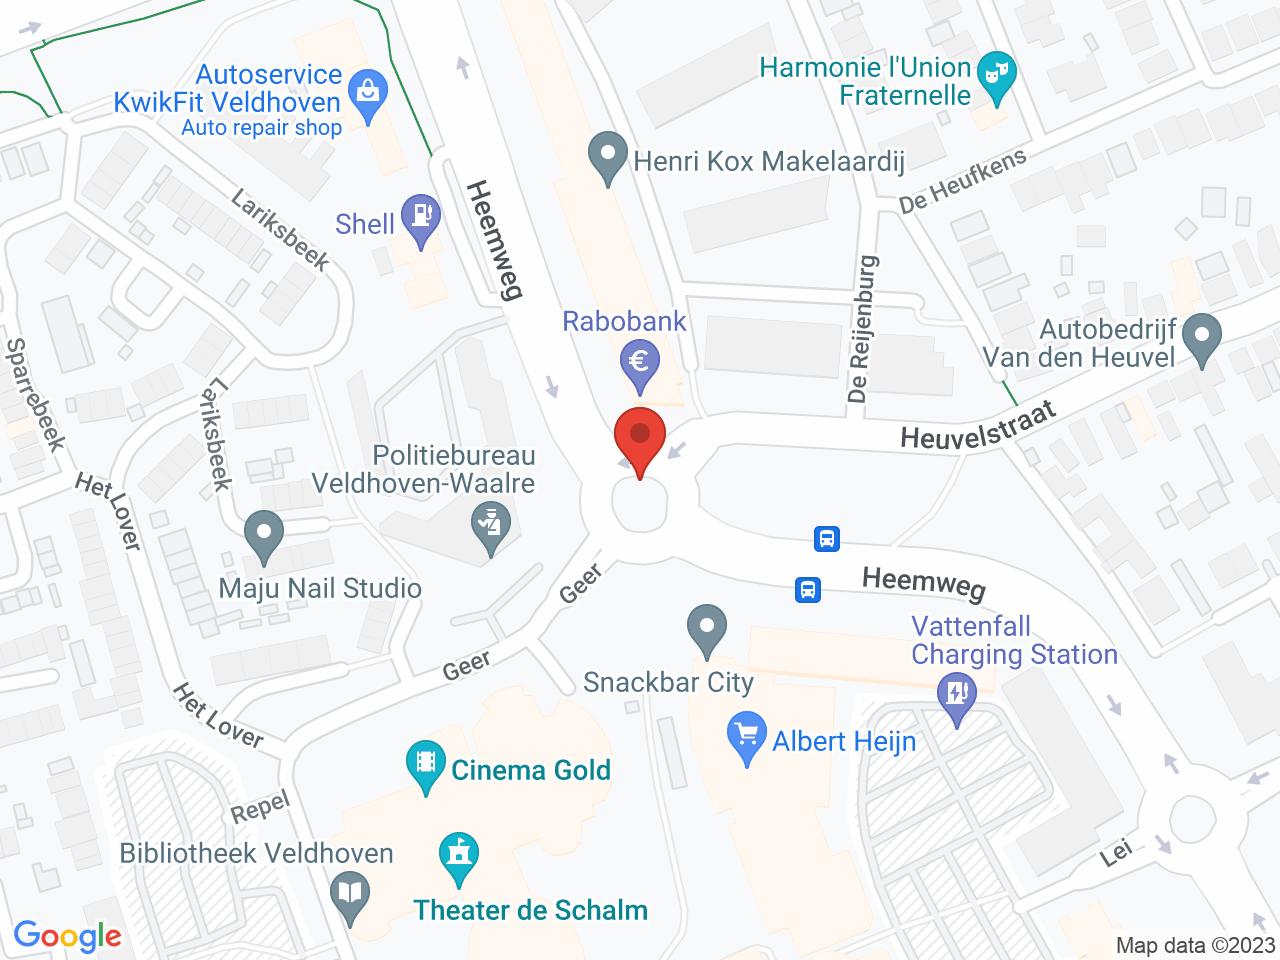 Rotonde Heemweg - Heuvelstraat op een kaart getoond.